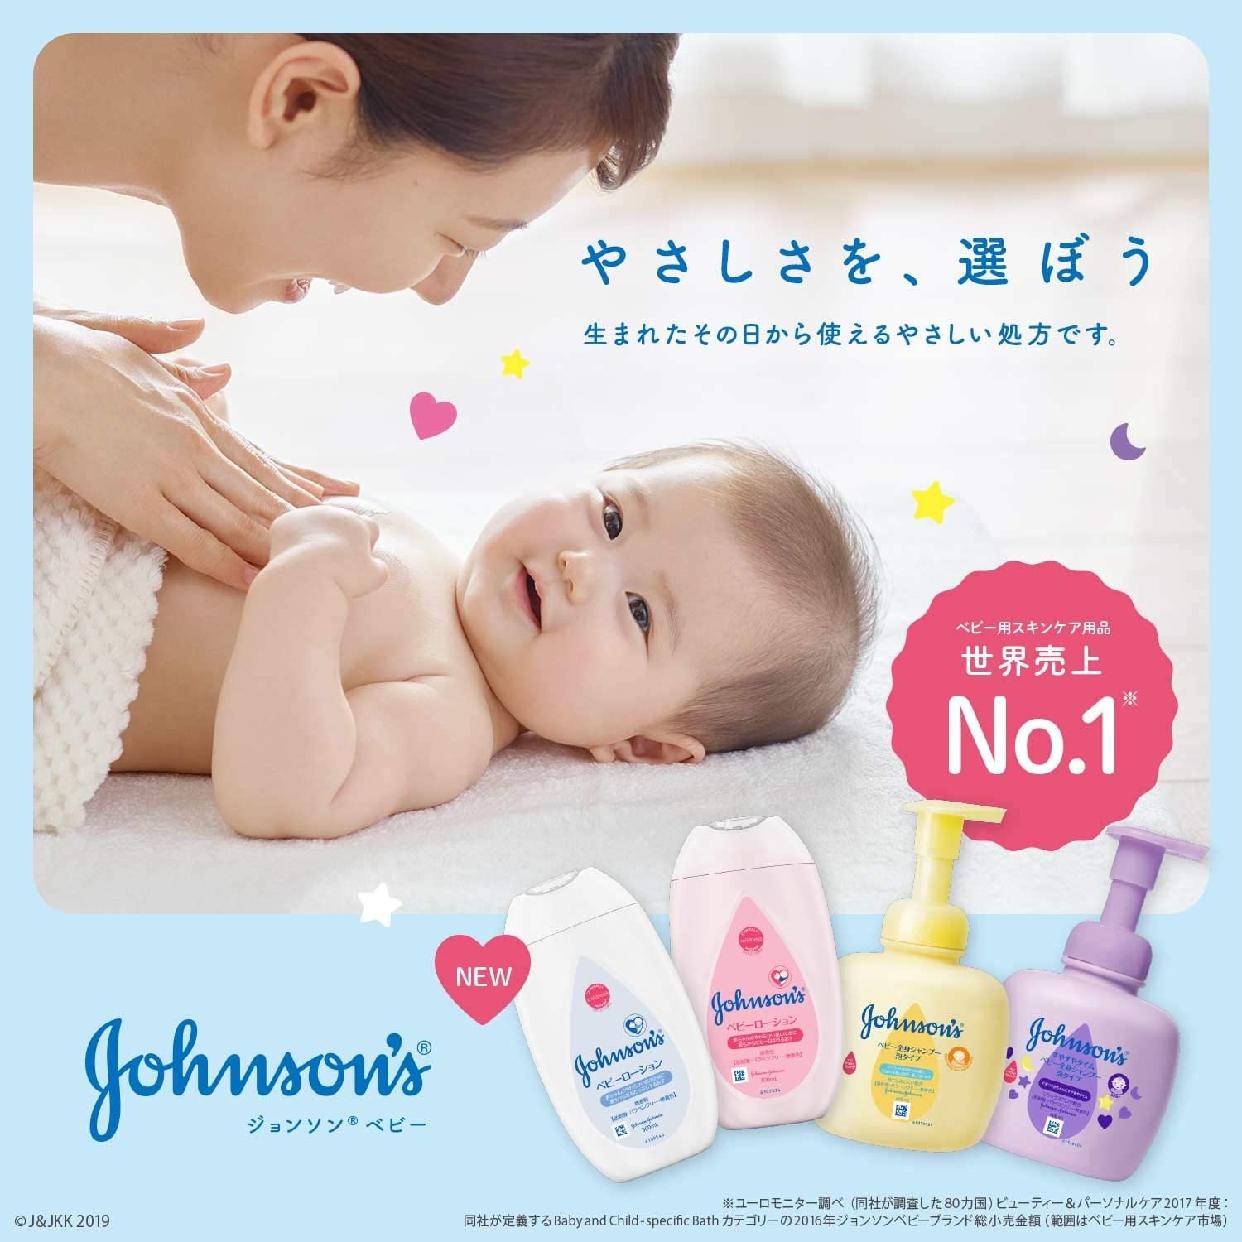 ジョンソンベビー ジョンソン ベビー全身ウォッシュ 泡タイプの商品画像3